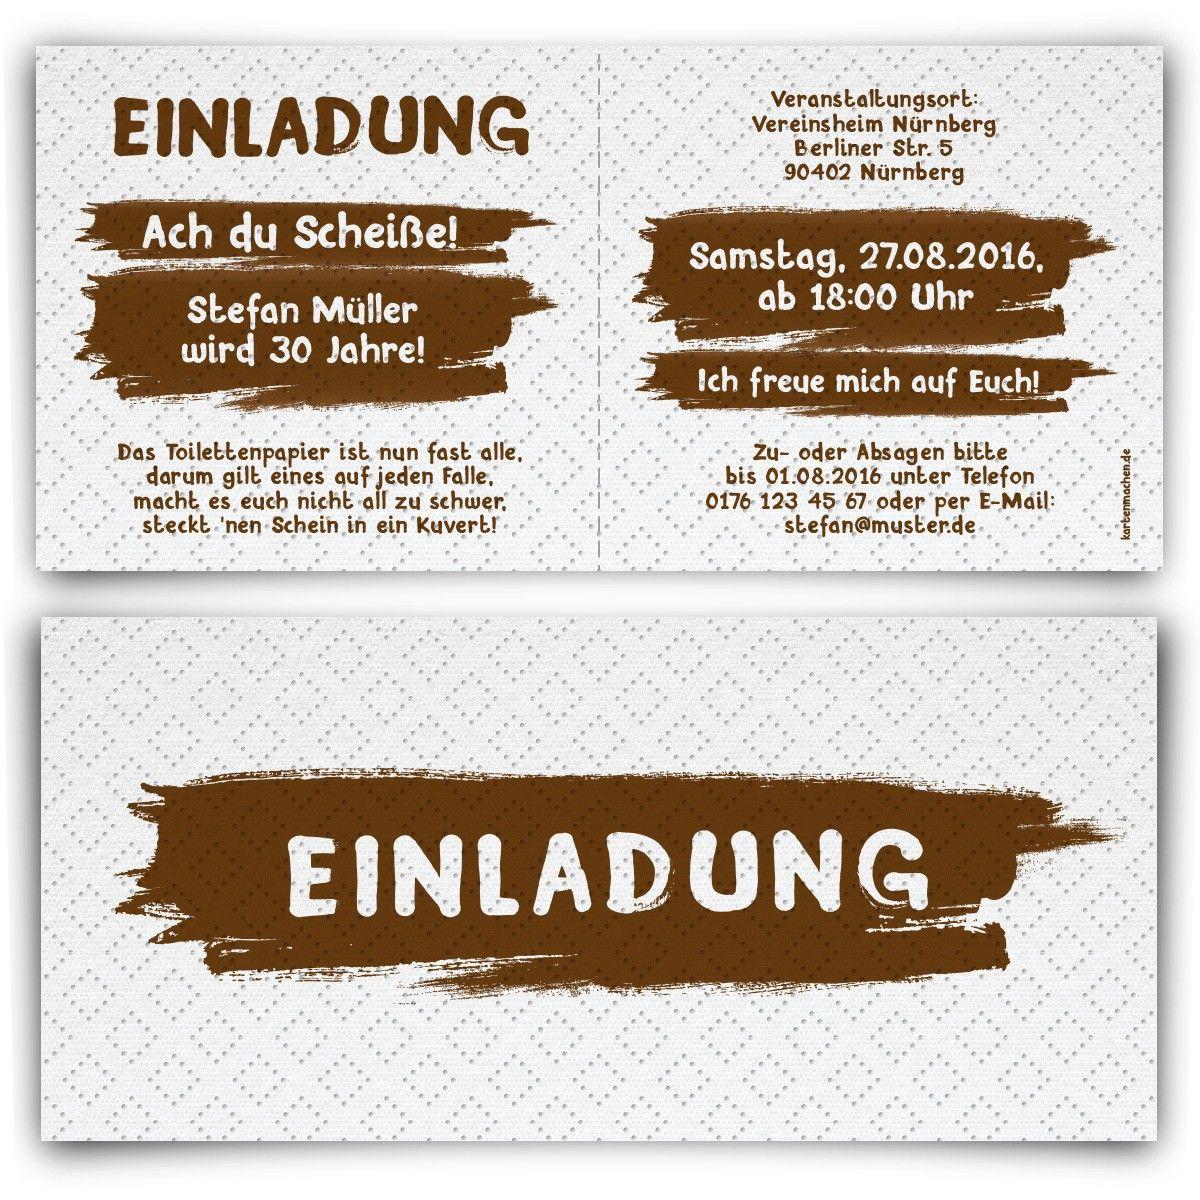 Einladungskarten als Toilettenpapier #geburtstag #einladung ...